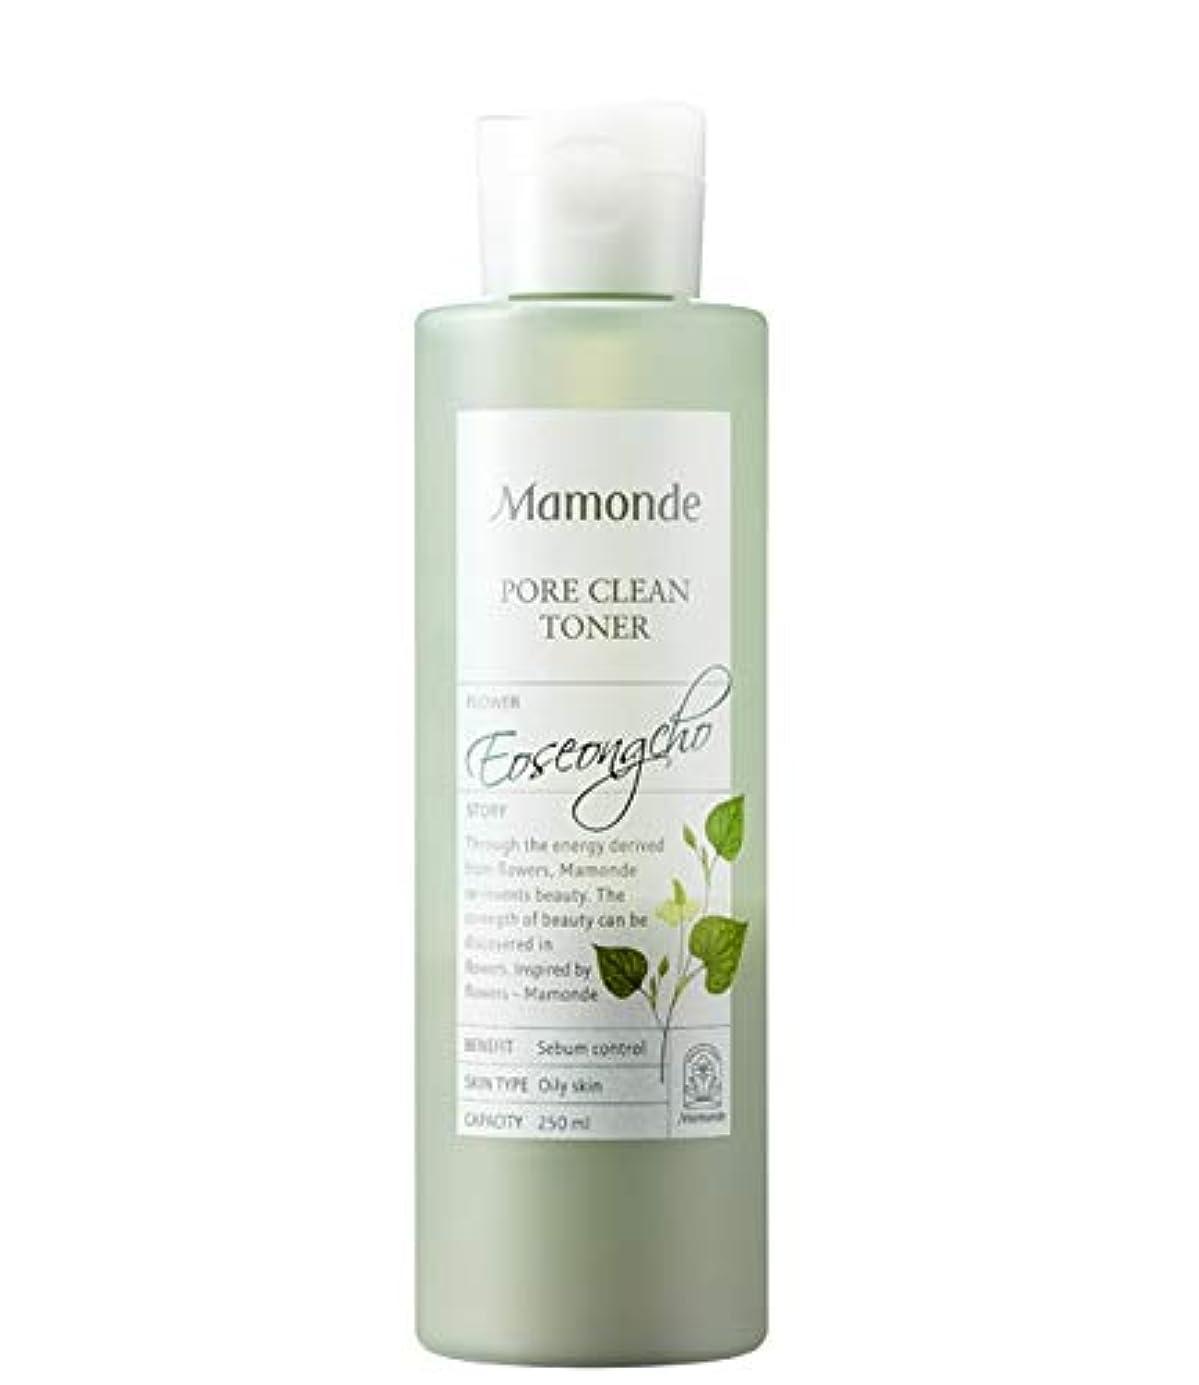 習慣十分です行くMomondeマモンドポアクリーントナー250ml 韓国の有名化粧品ブランドの人気トナー肌の洗浄、皮膚の保湿の水分補給スキンケア